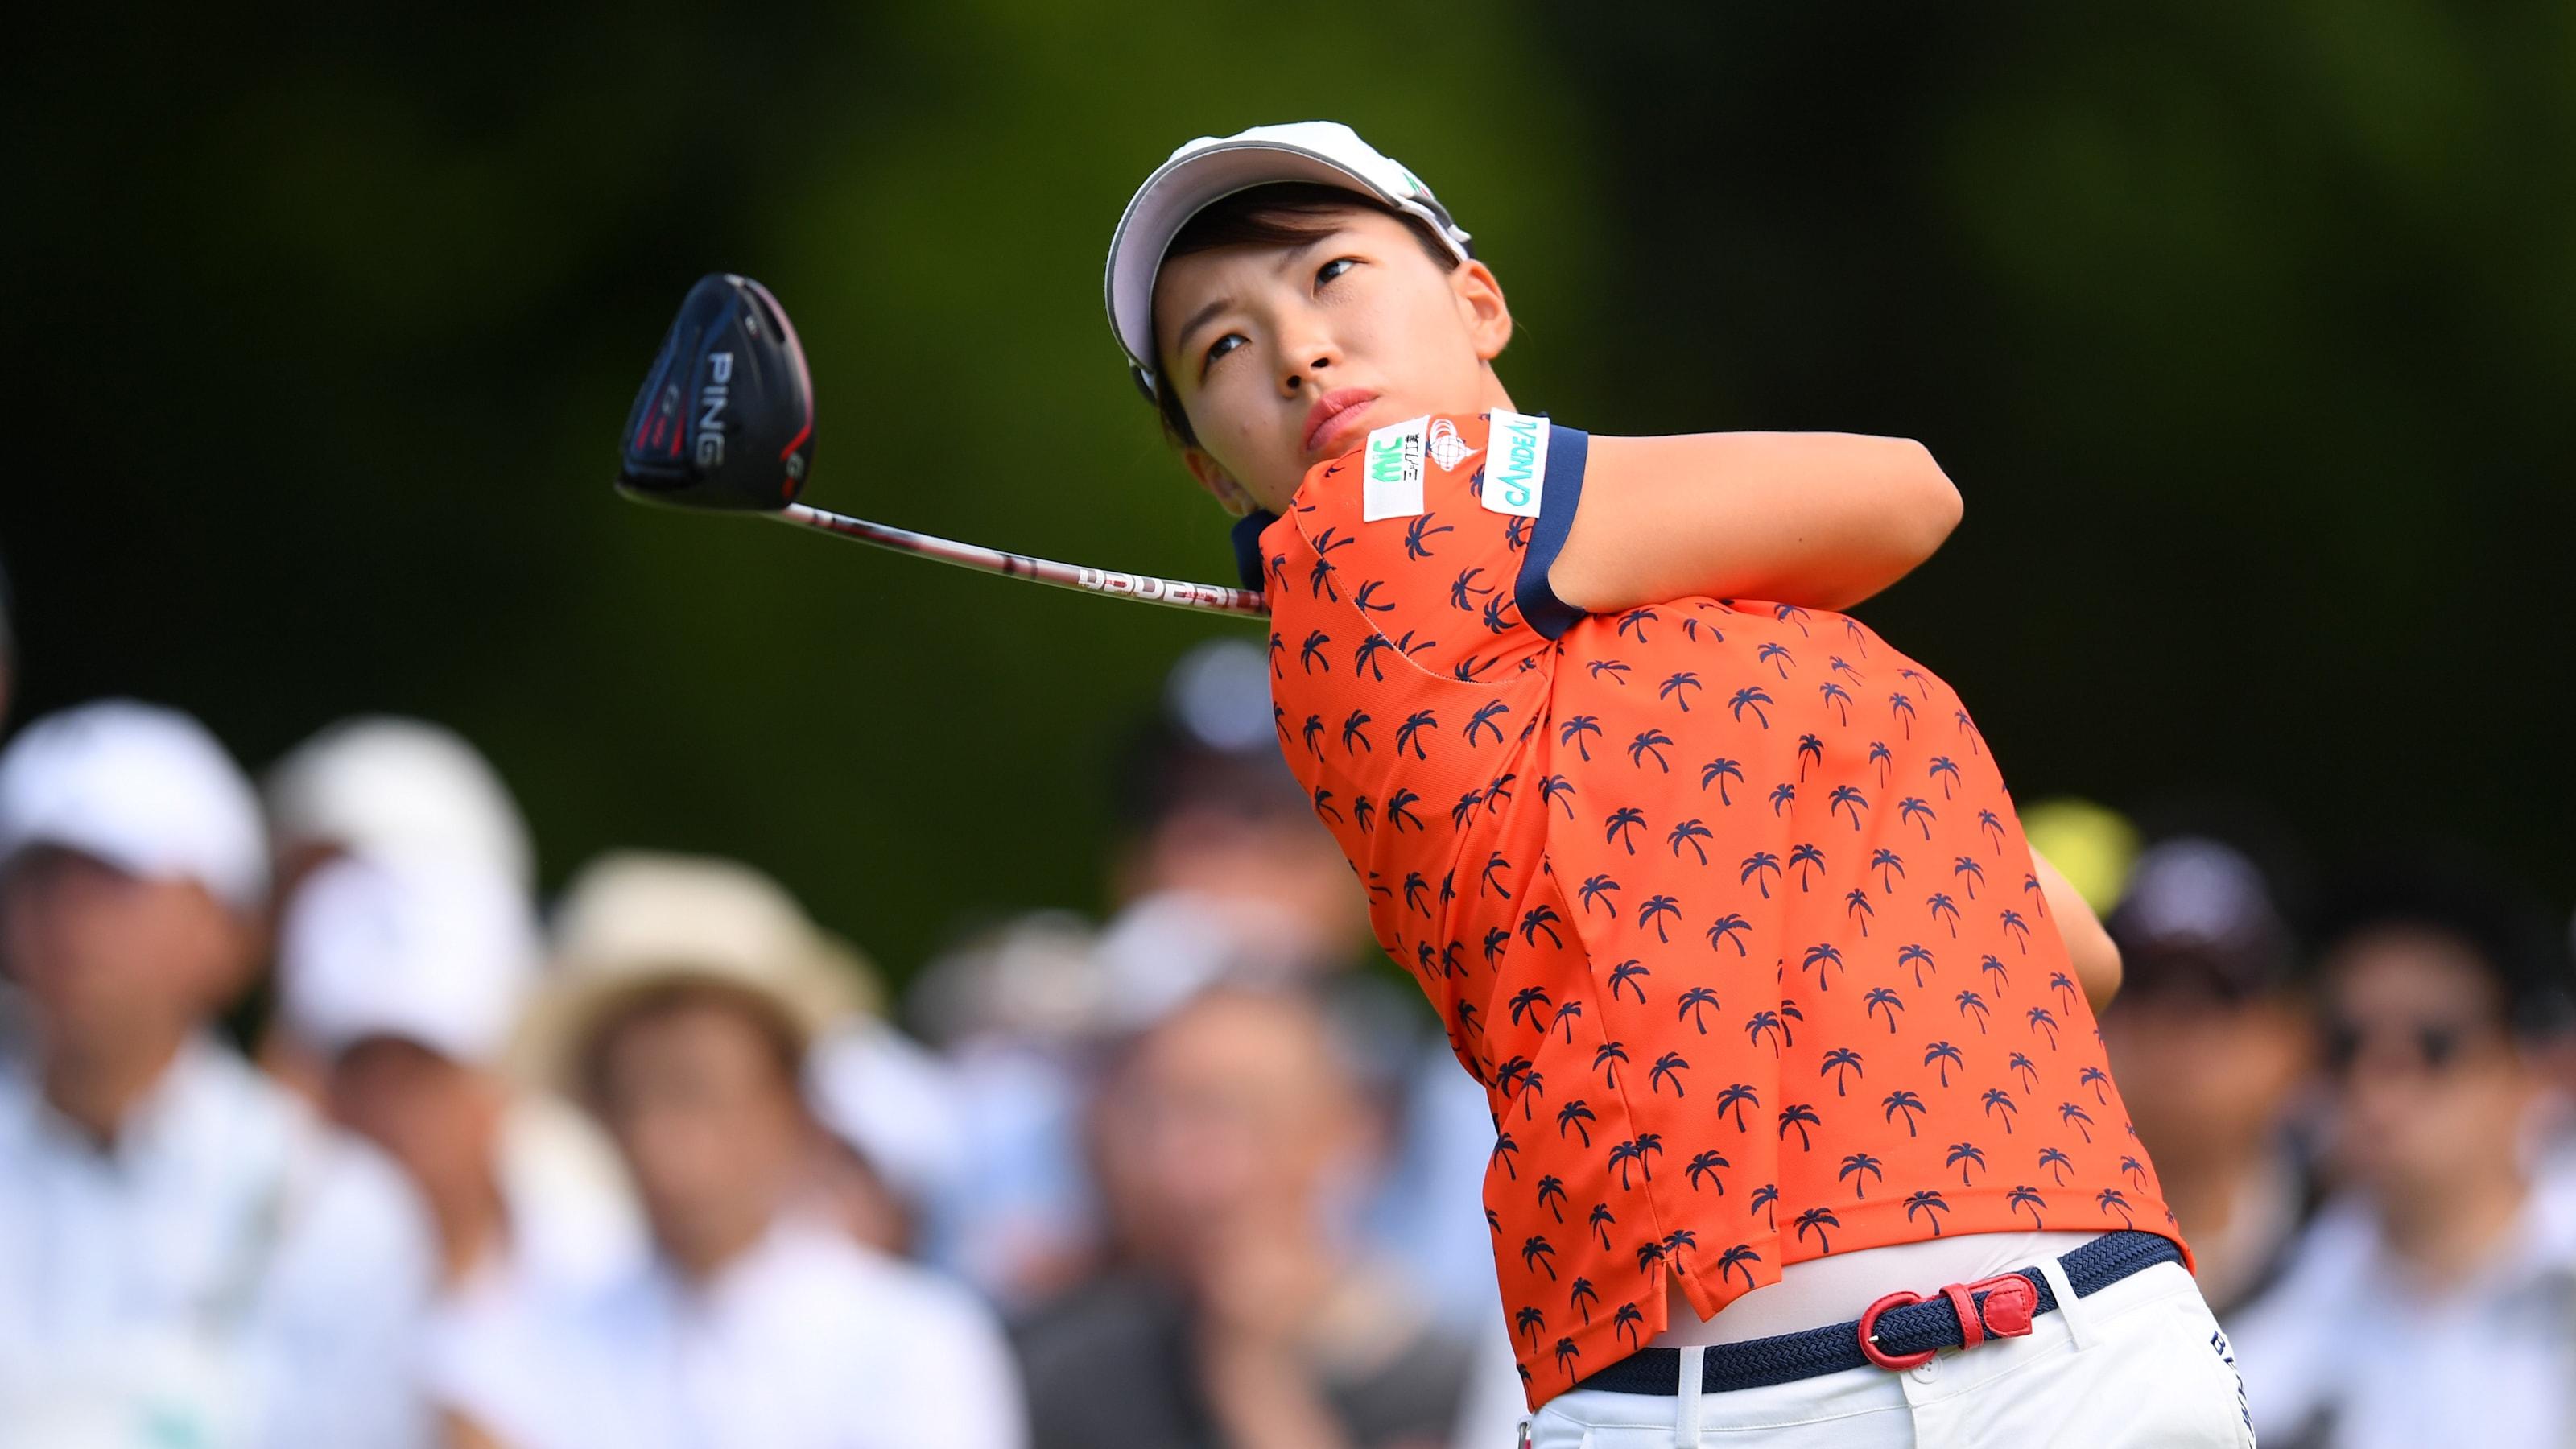 女子 プロ ゴルフ テレビ 中継